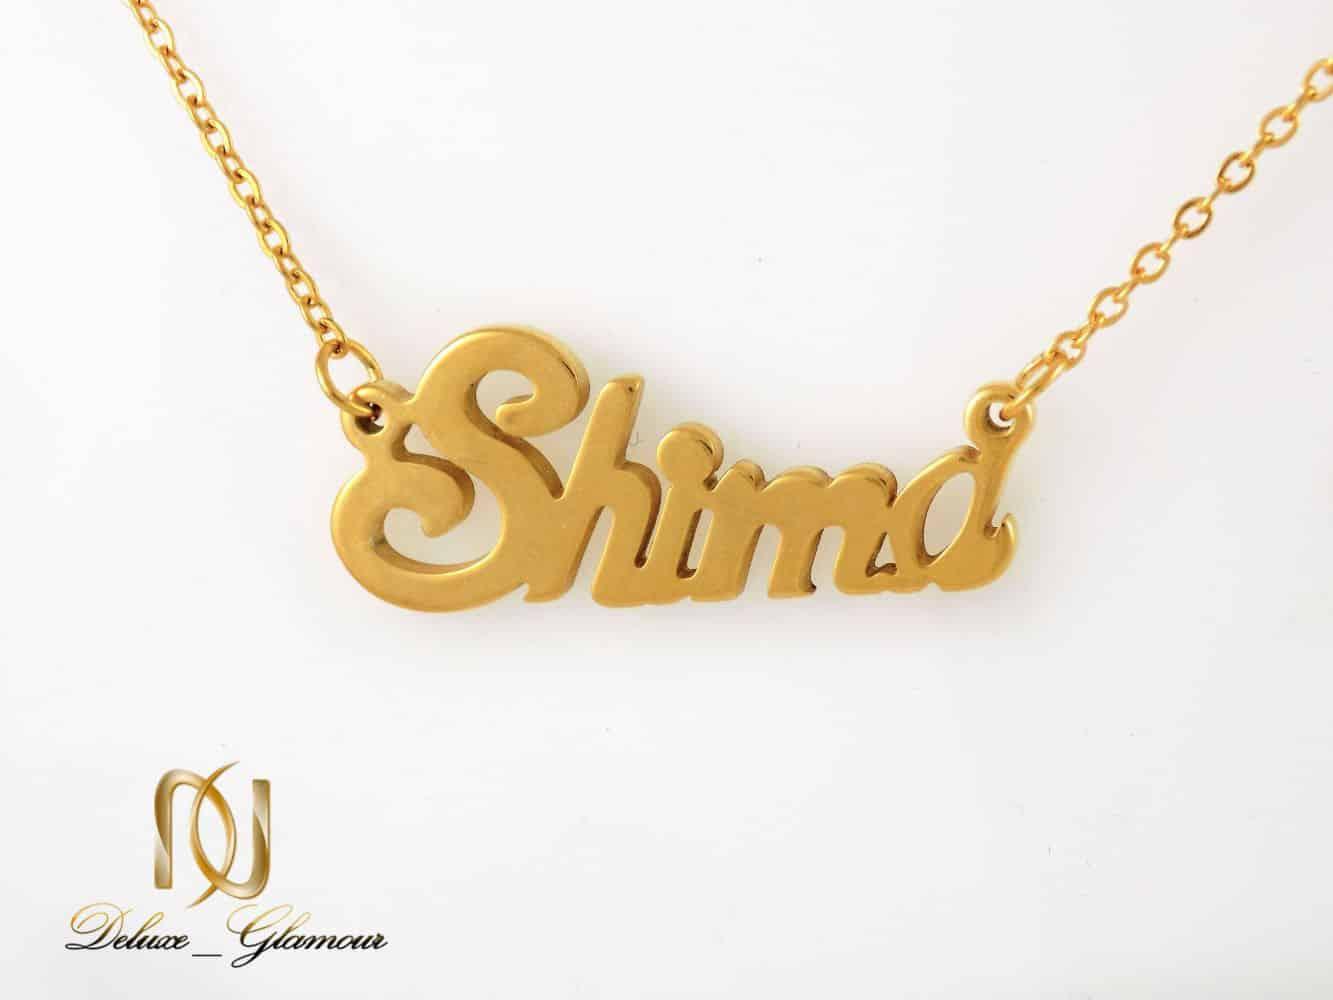 گردنبند اسم شیما استیل با روکش آب طلای 18 عیار nw-n207 از نمای روبرو